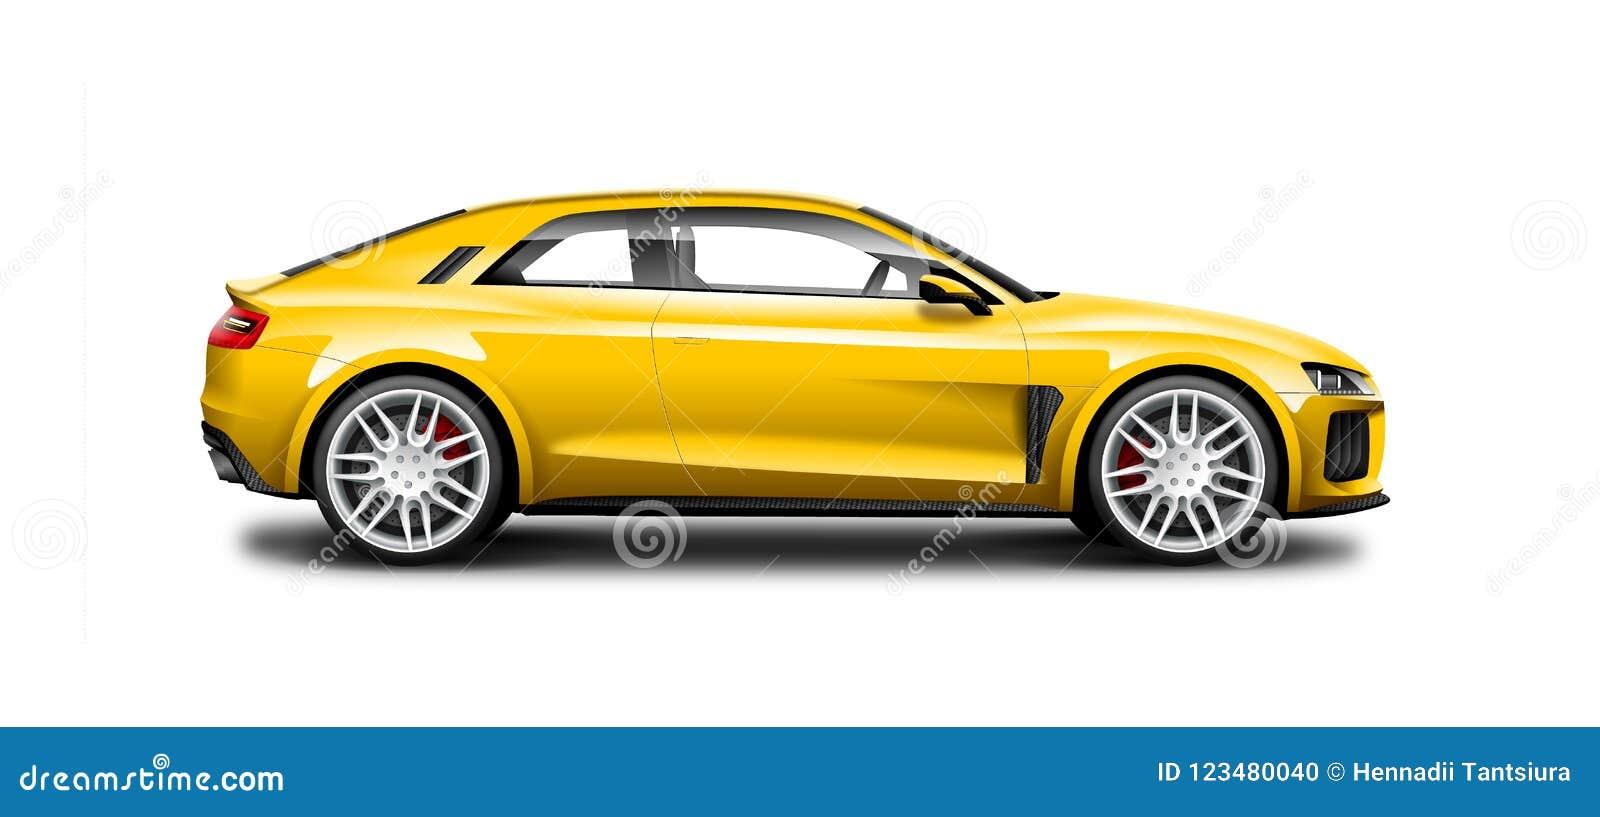 Żółtego Coupe Sporty samochód Na Białym tle Boczny widok Z Odosobnioną ścieżką